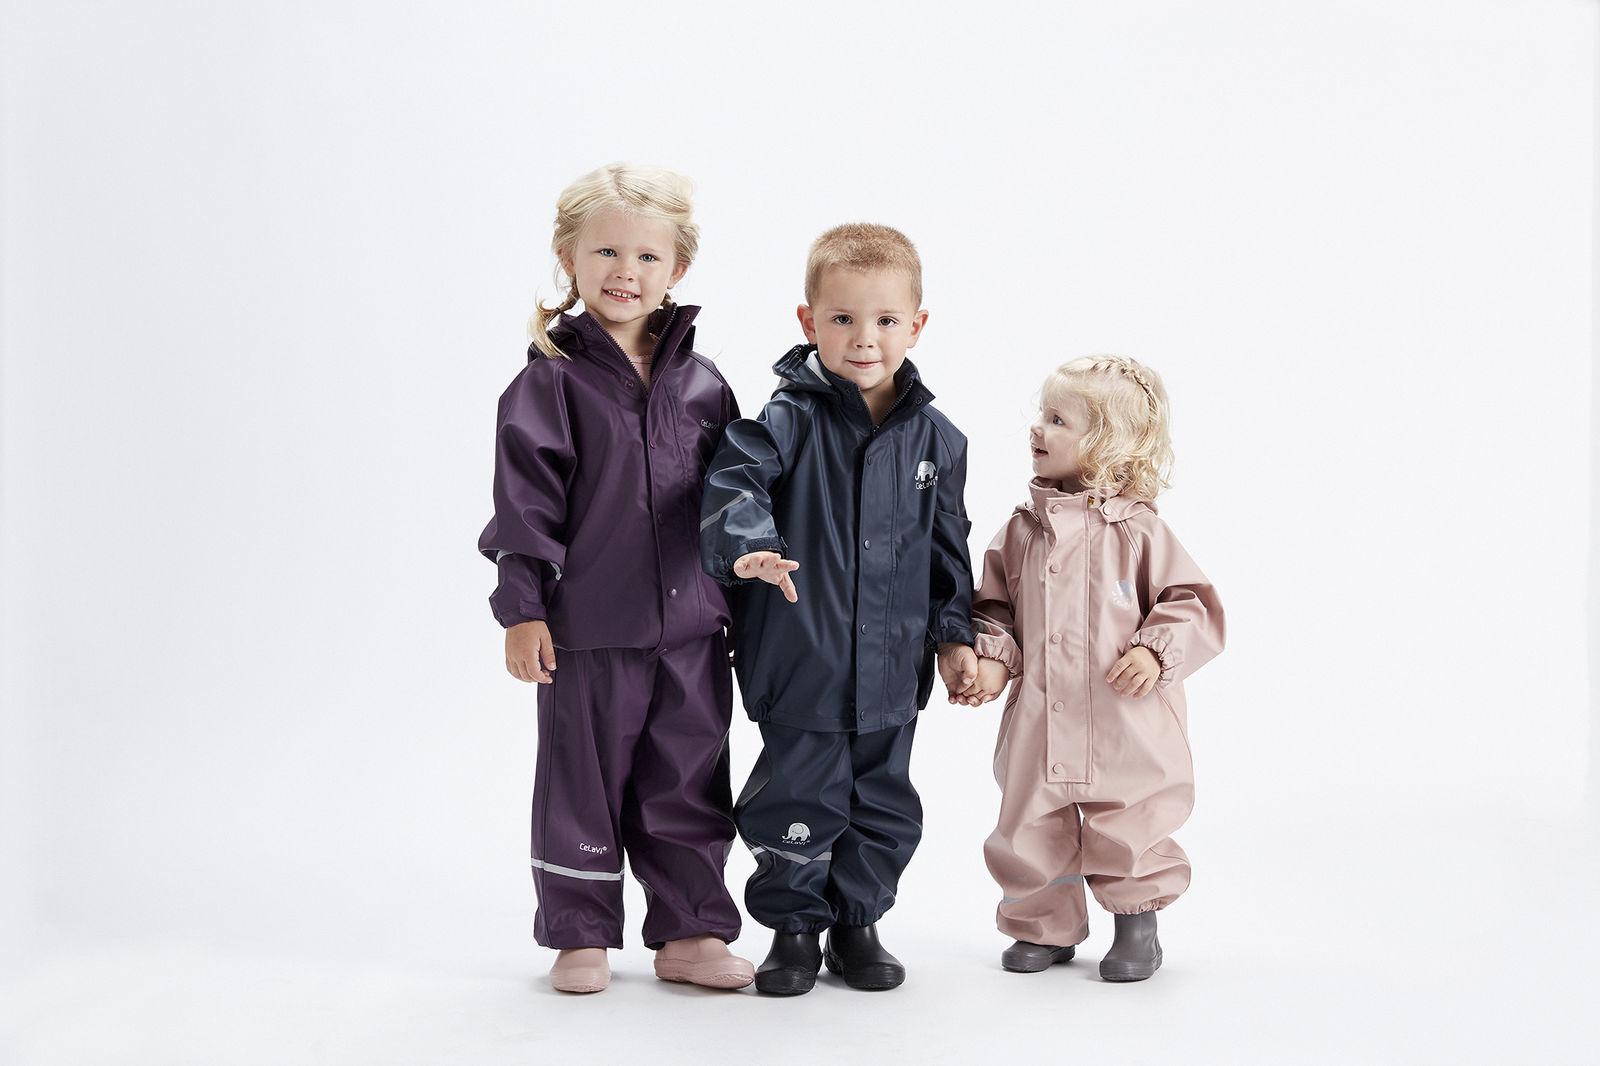 Buitenkleding in eigen kleuren en bedrukking voor kinderopvang organisaties